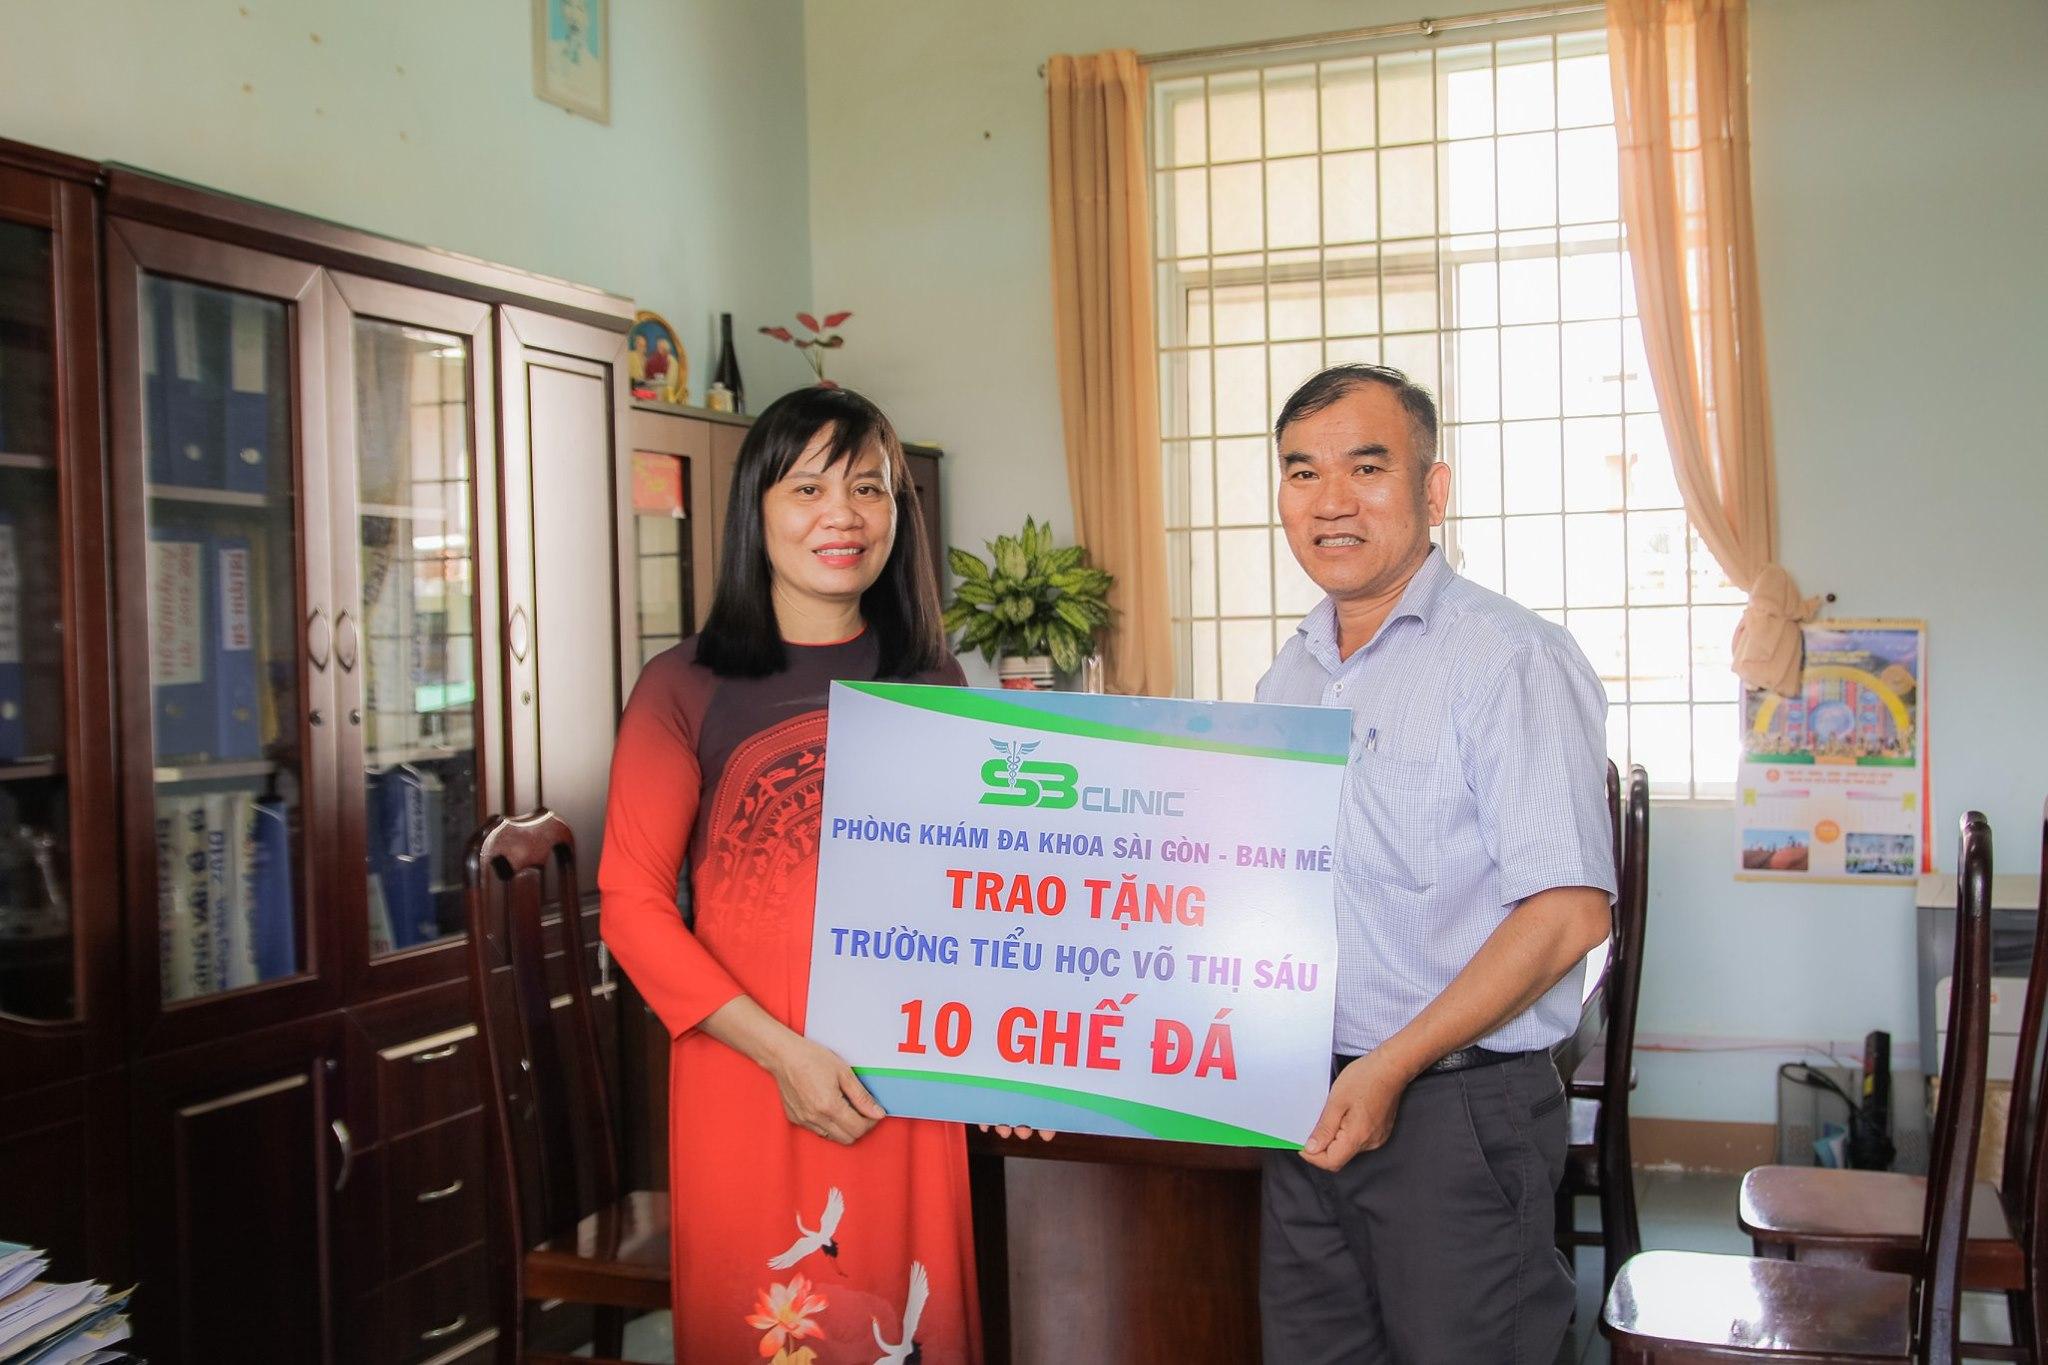 Sài Gòn - Ban Mê trao tặng 10 ghế đá cho trường Tiểu học Võ Thị Sáu